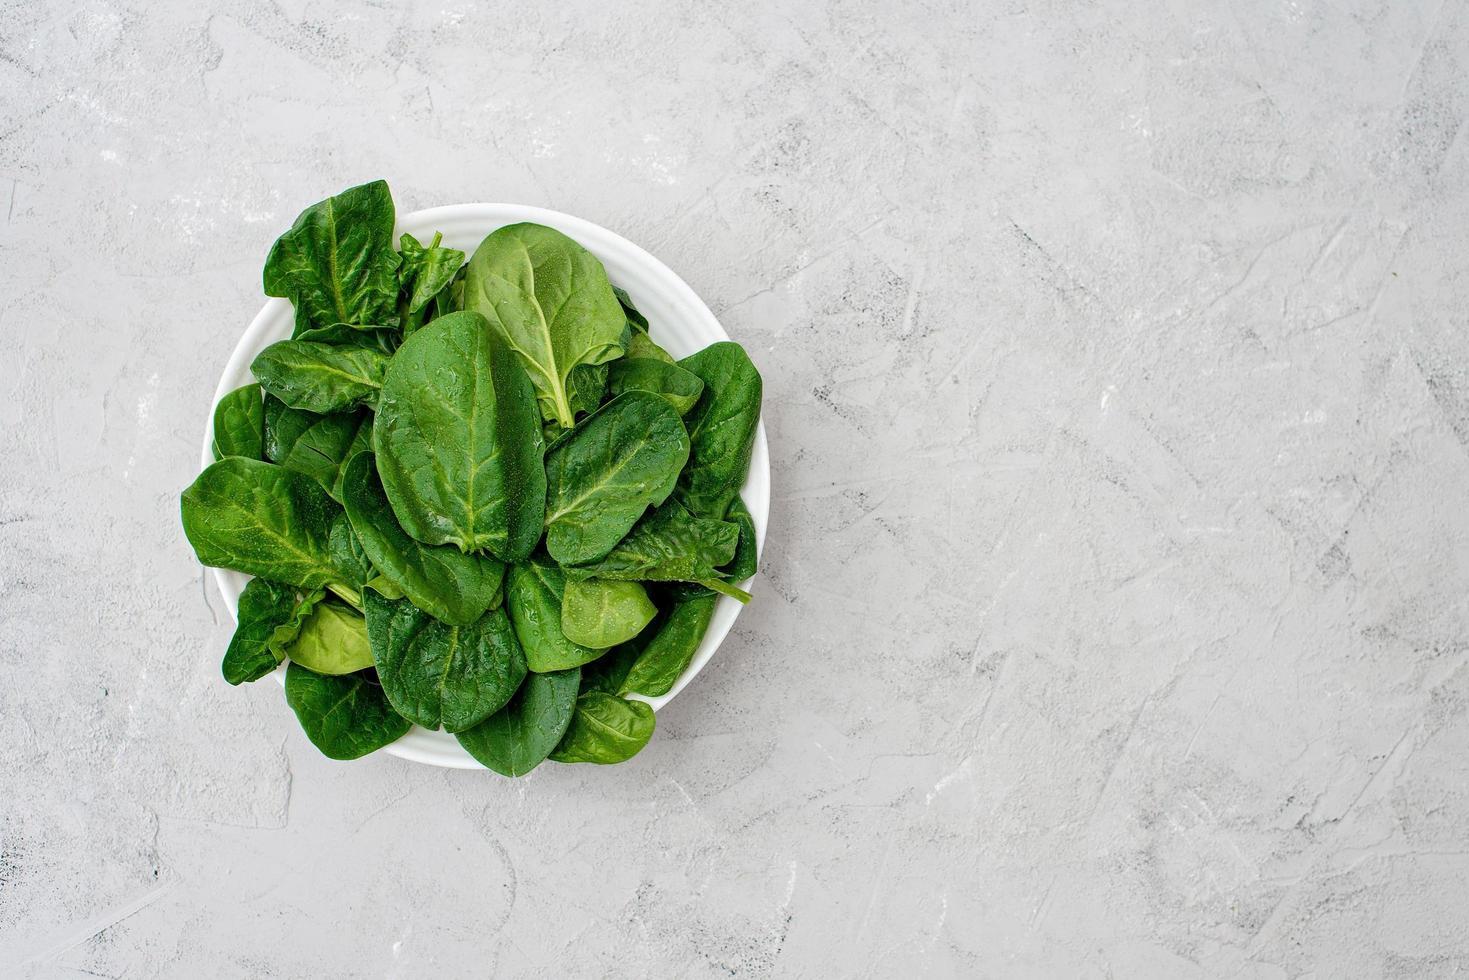 ren mat koncept. blad av färska ekologiska spenatgröna i en tallrik på en ljus bakgrund. hälsosam detox vår-sommar kost. vegansk rå mat. kopiera utrymme. foto